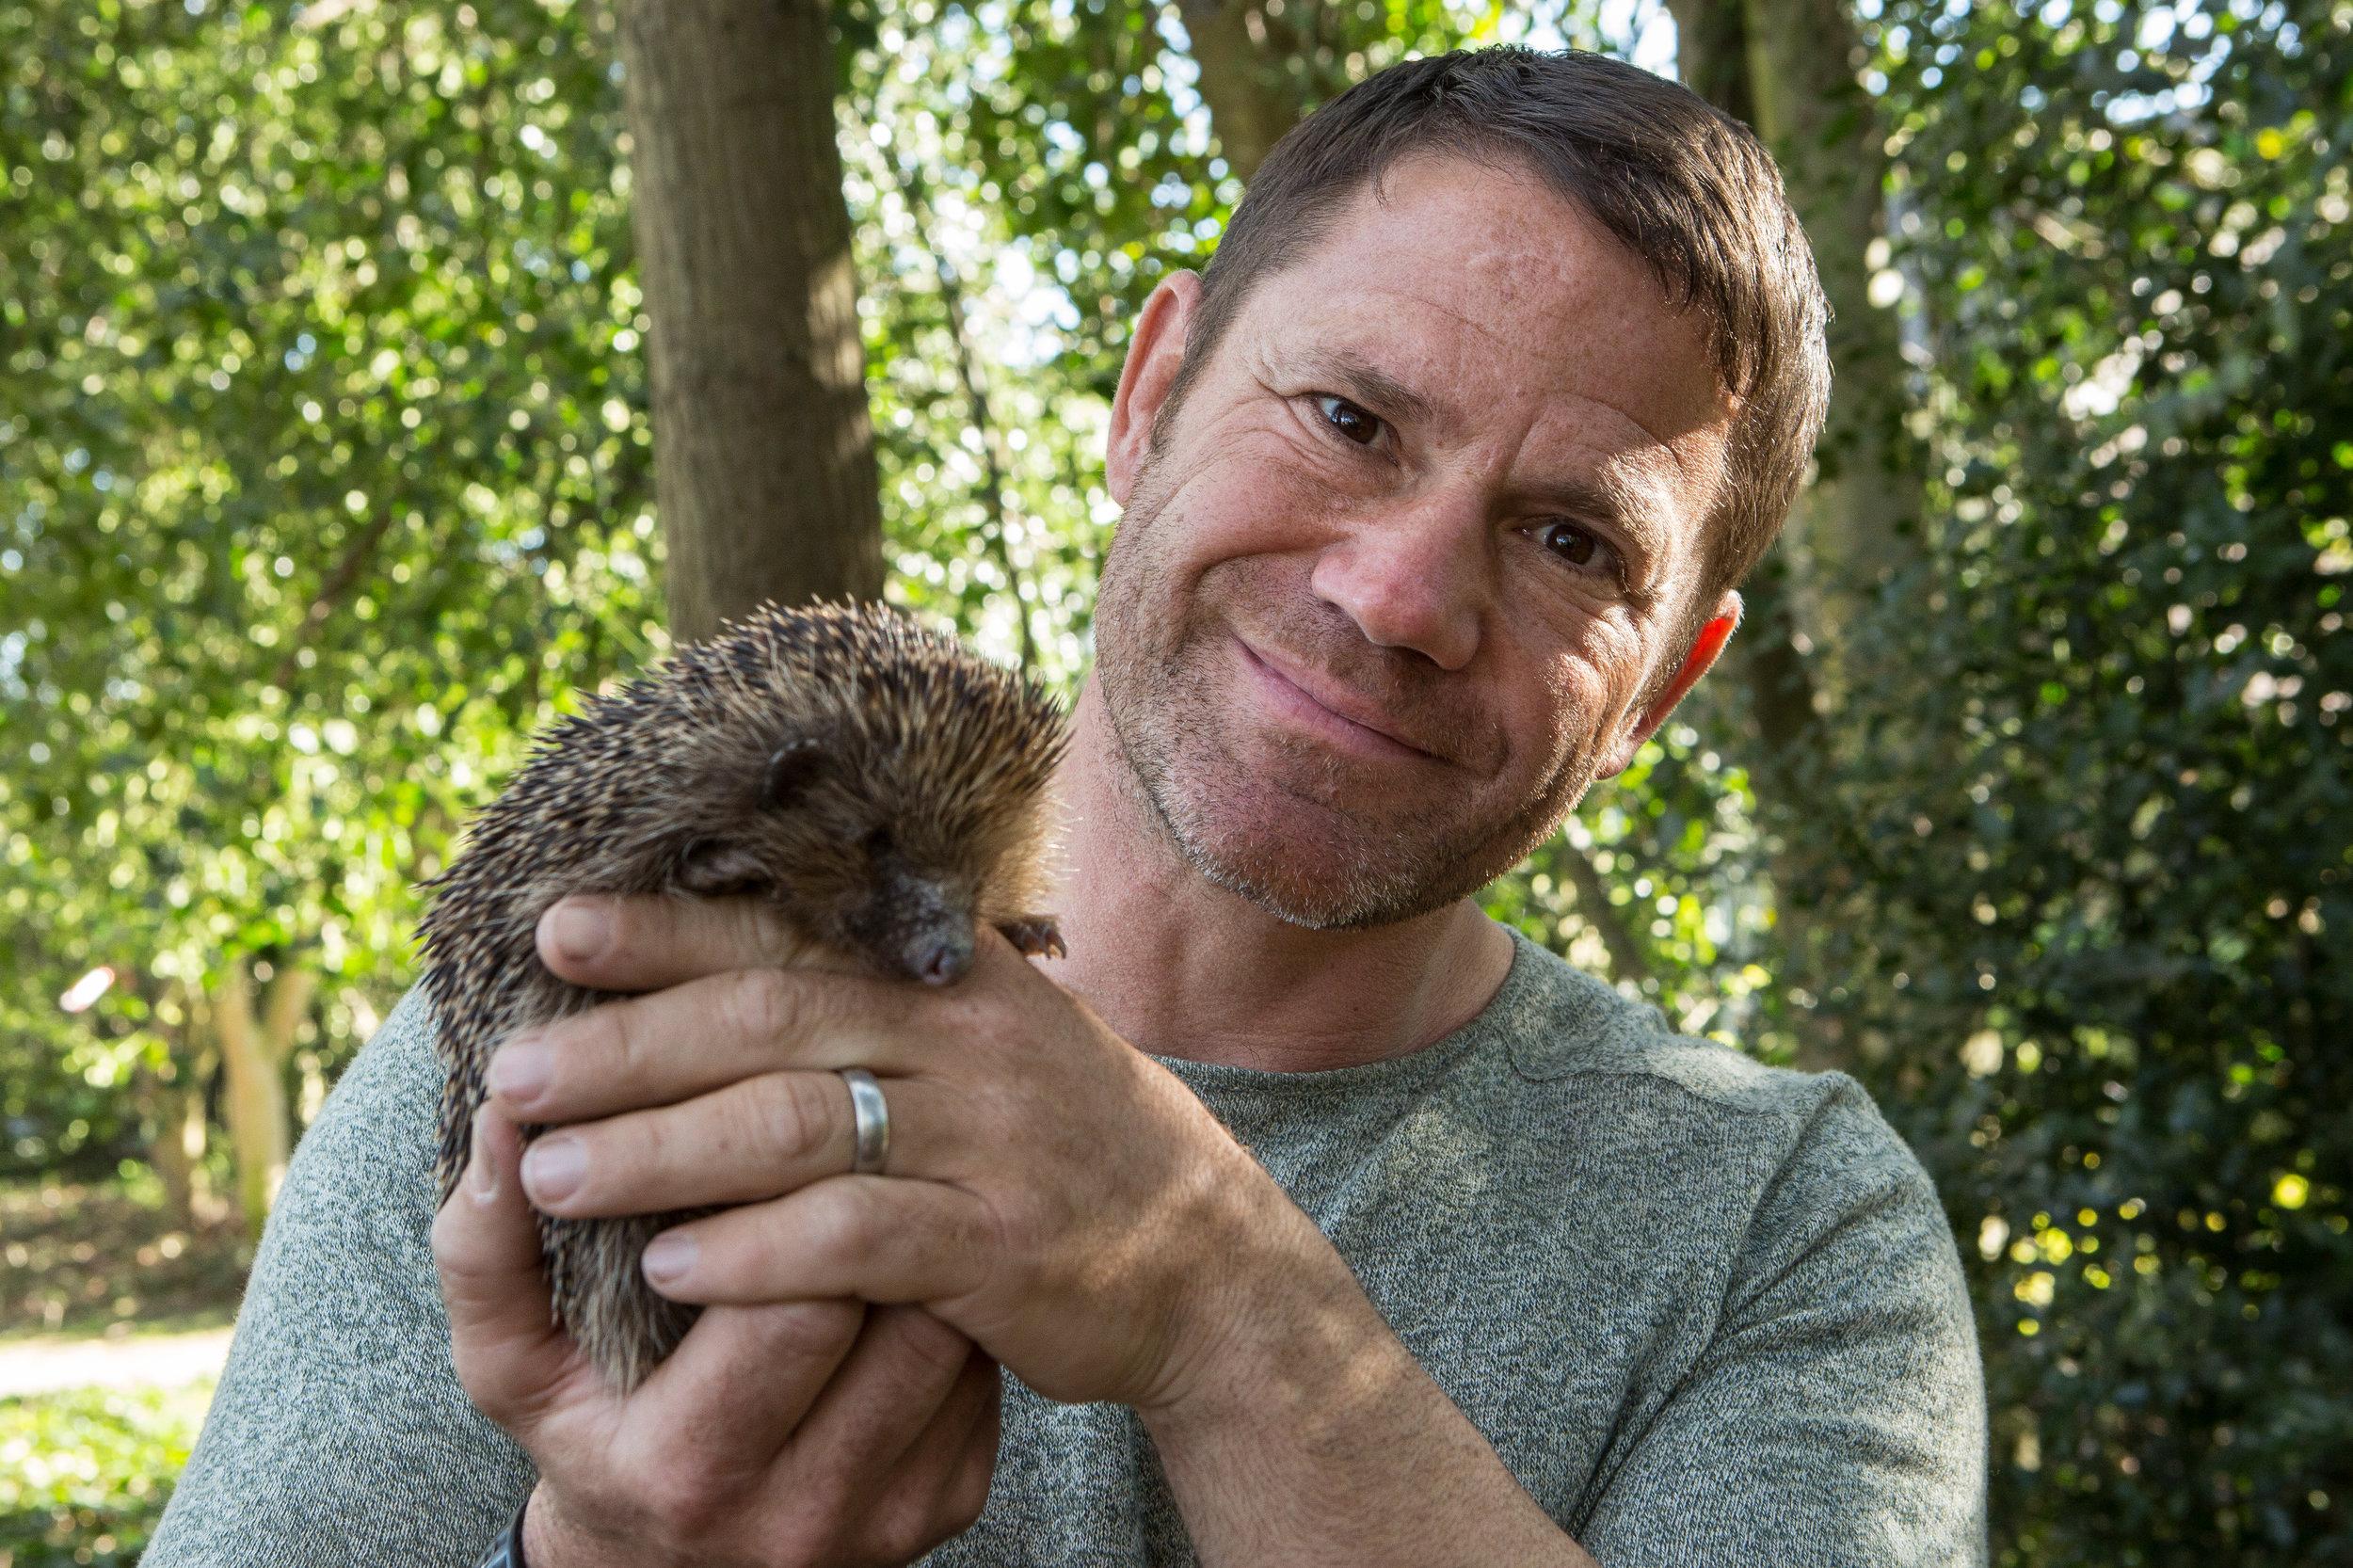 Hedgehog Publicity Stills-55.jpg